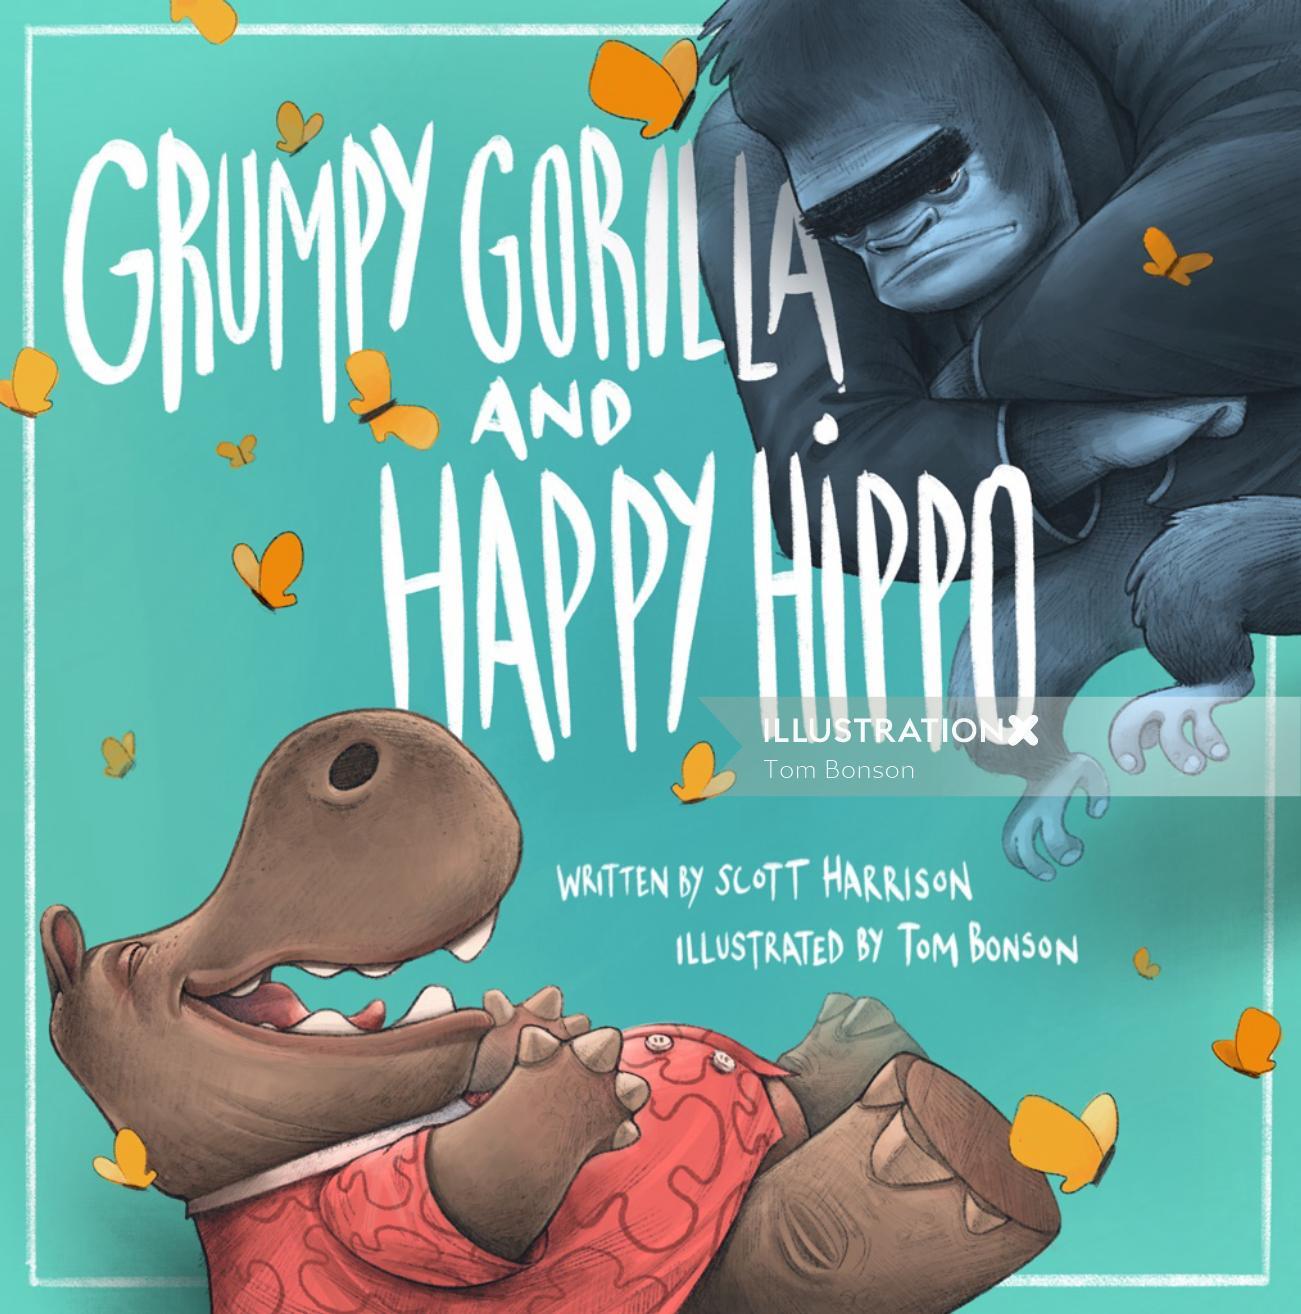 Grumpy Gorilla happy hippo book covers